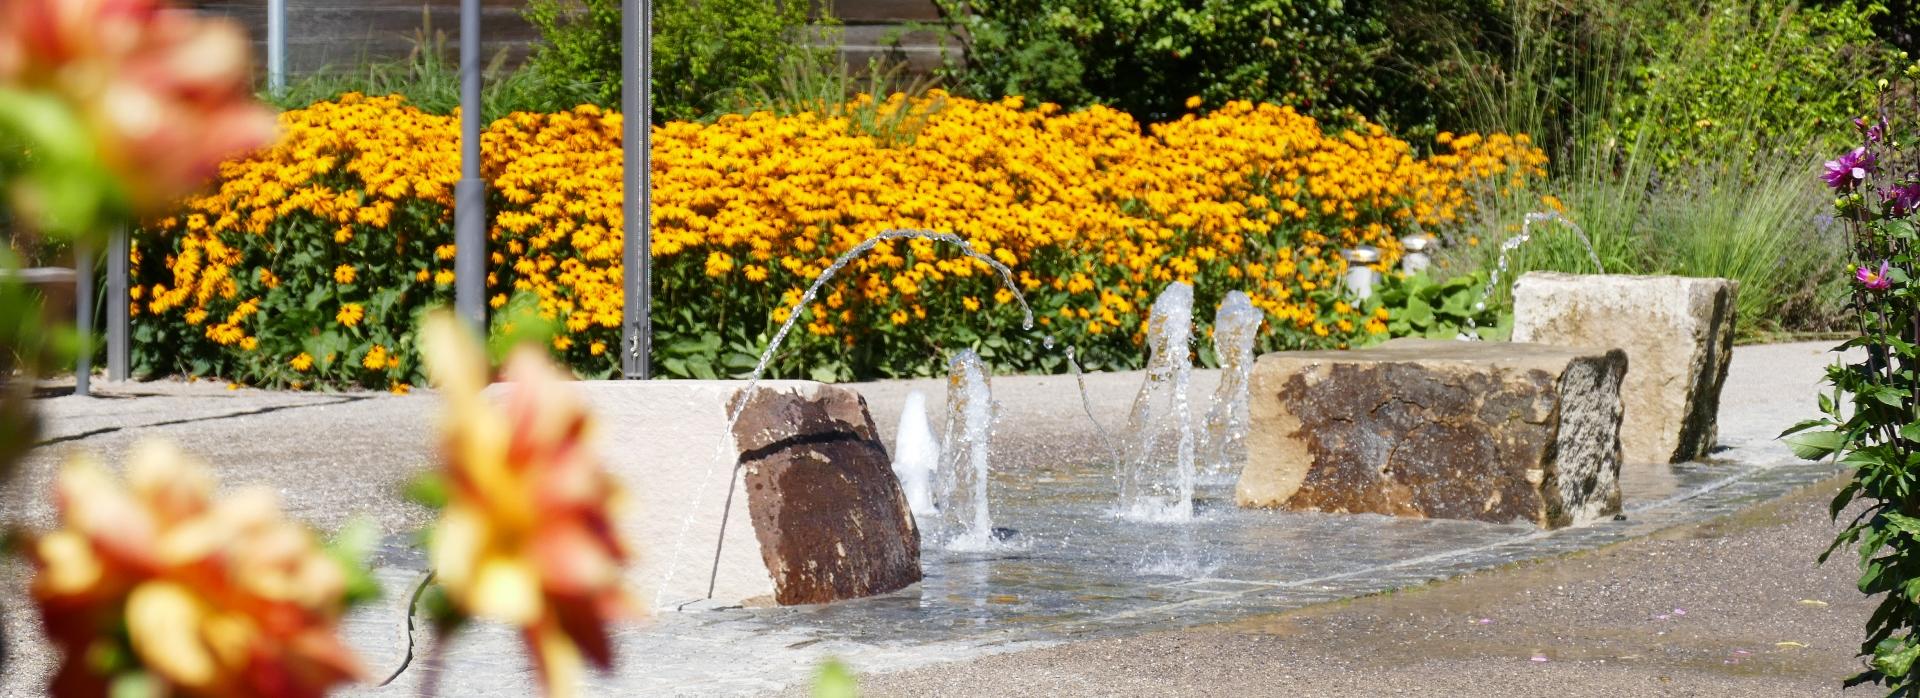 Springbrunnen im Dahliengarten